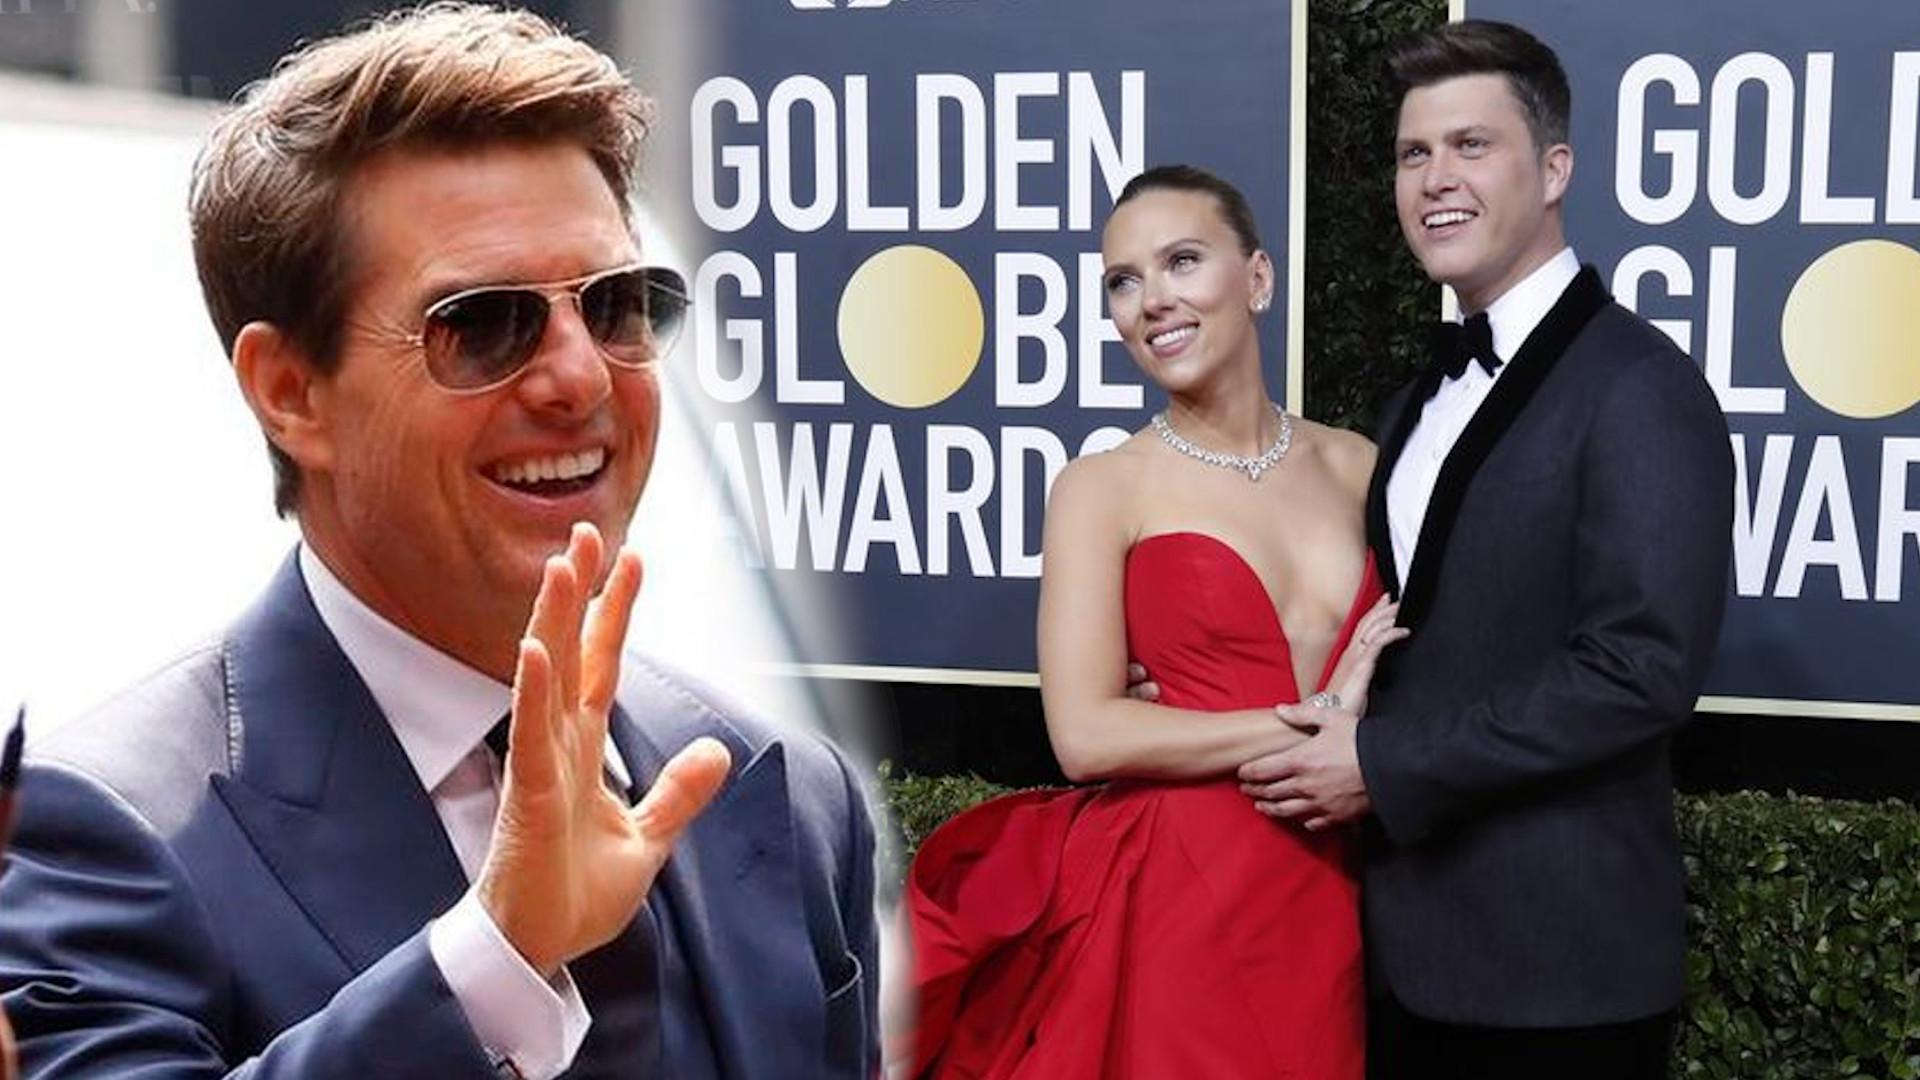 Złote Globy w ogniu krytyki. Tom Cruise oddał swoje statuetki, a Scarlett Johansson oskarżyła ich o seksizm